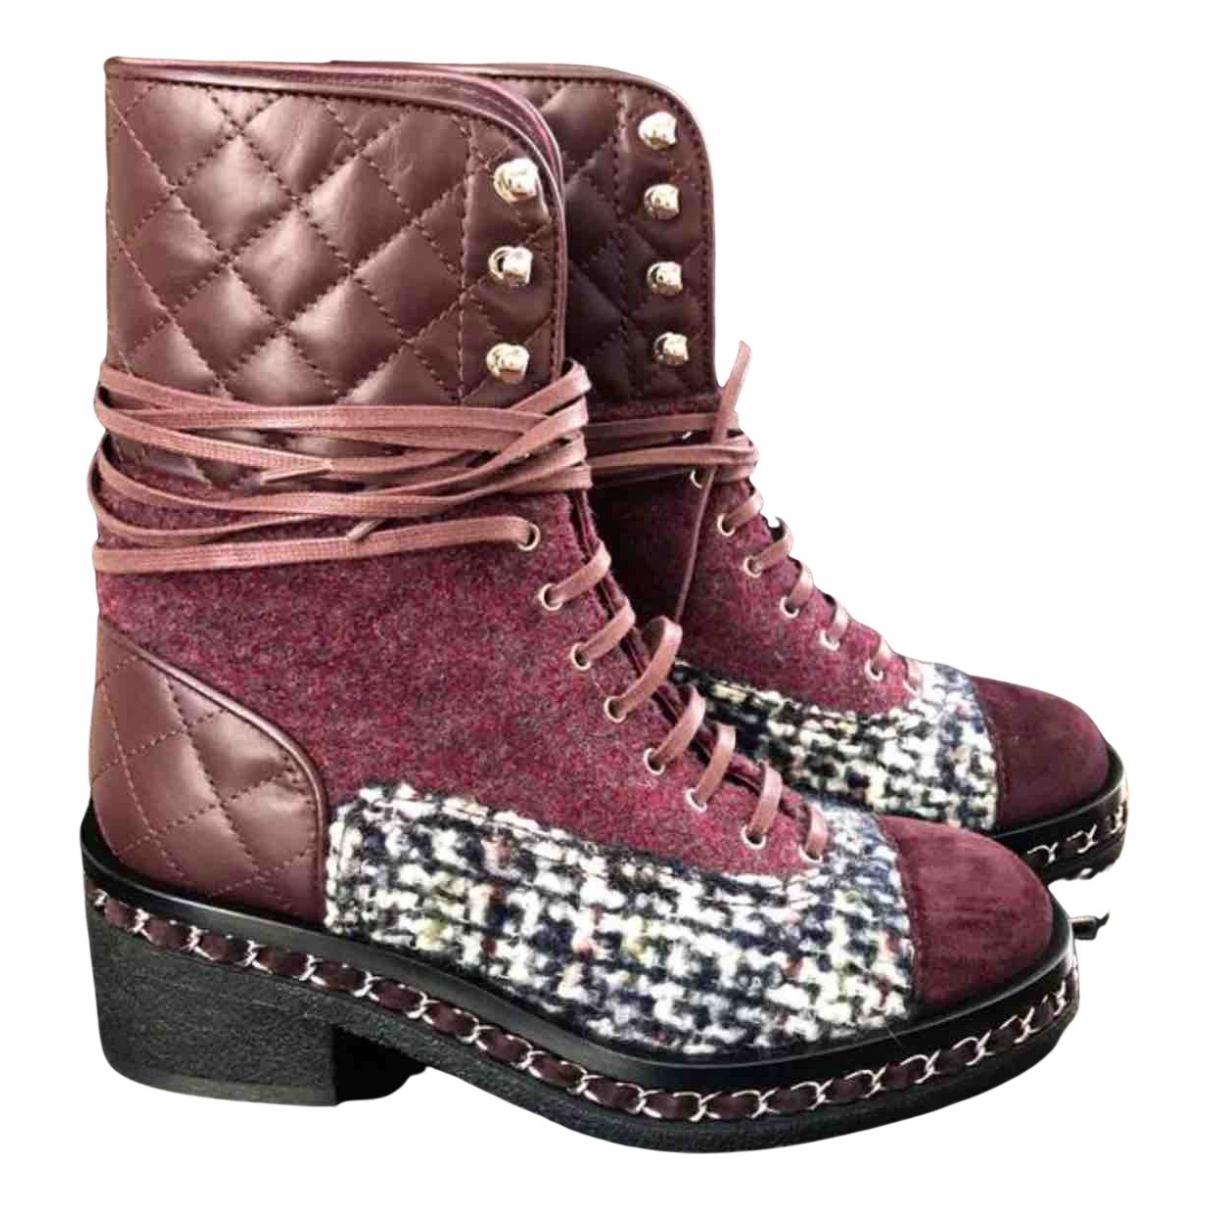 Chanel - Bottes   pour femme en cuir - multicolore